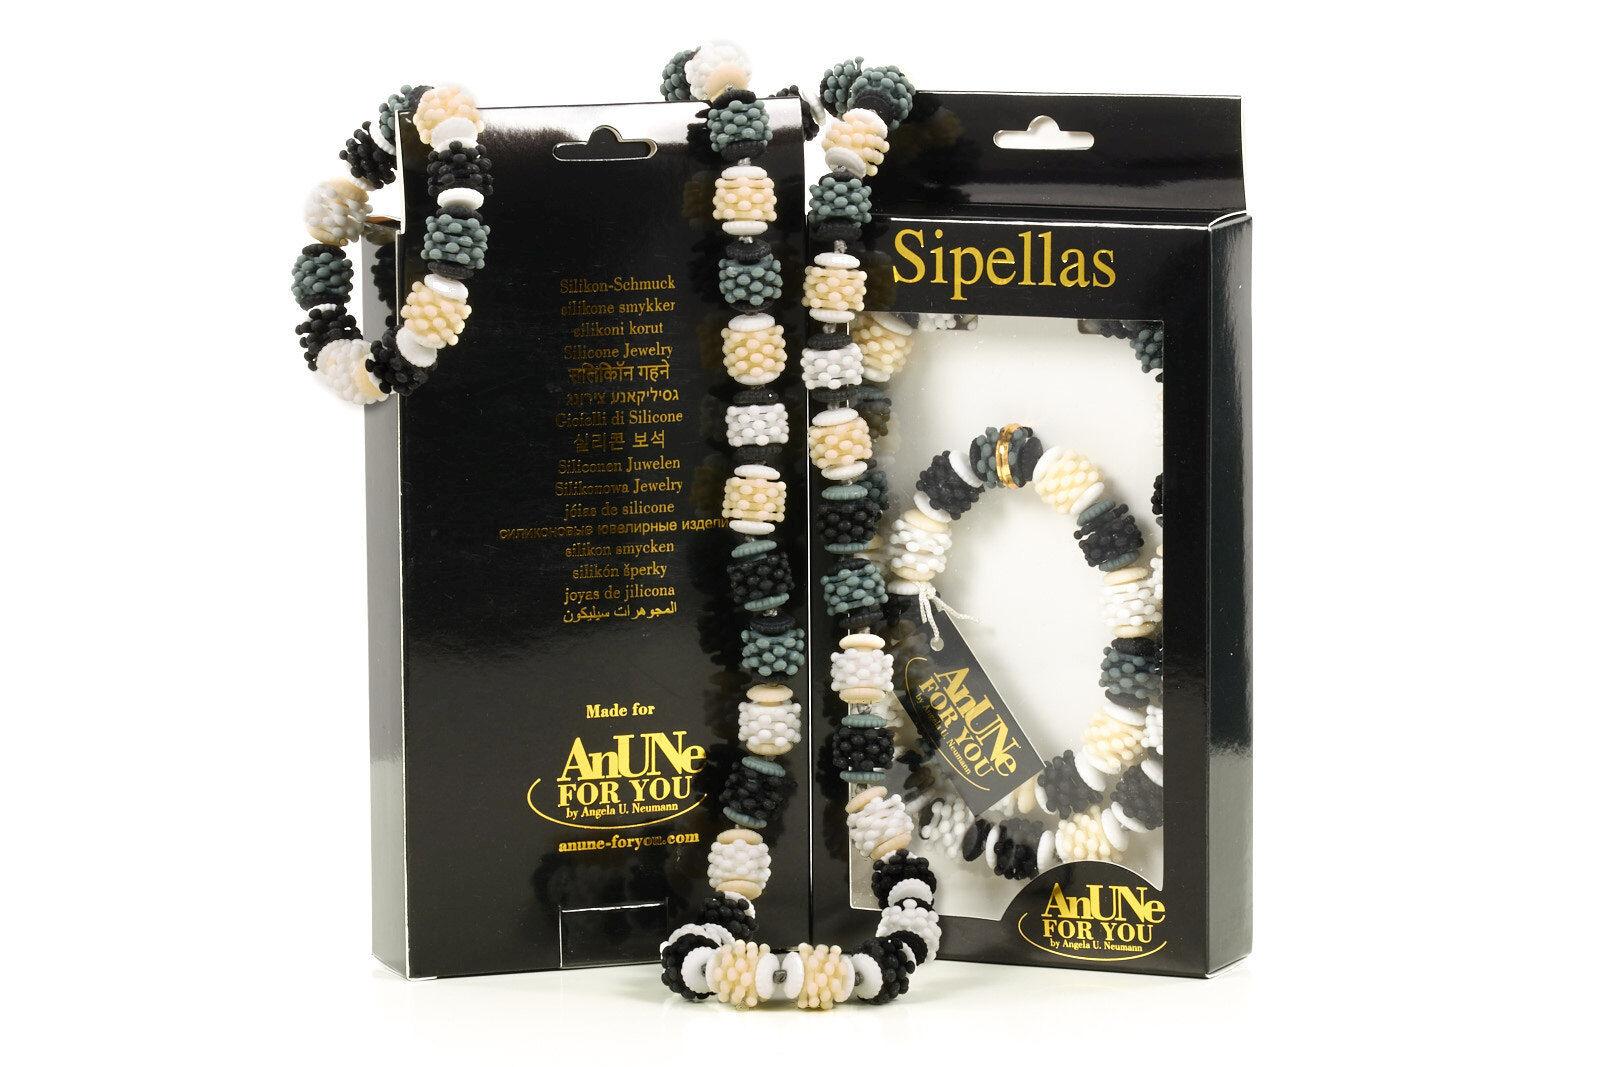 COLLANA COLLANA COLLANA + BRACCIALE nel set  anune-foryou  sipellas no 207 in silicone gioielli d2893c